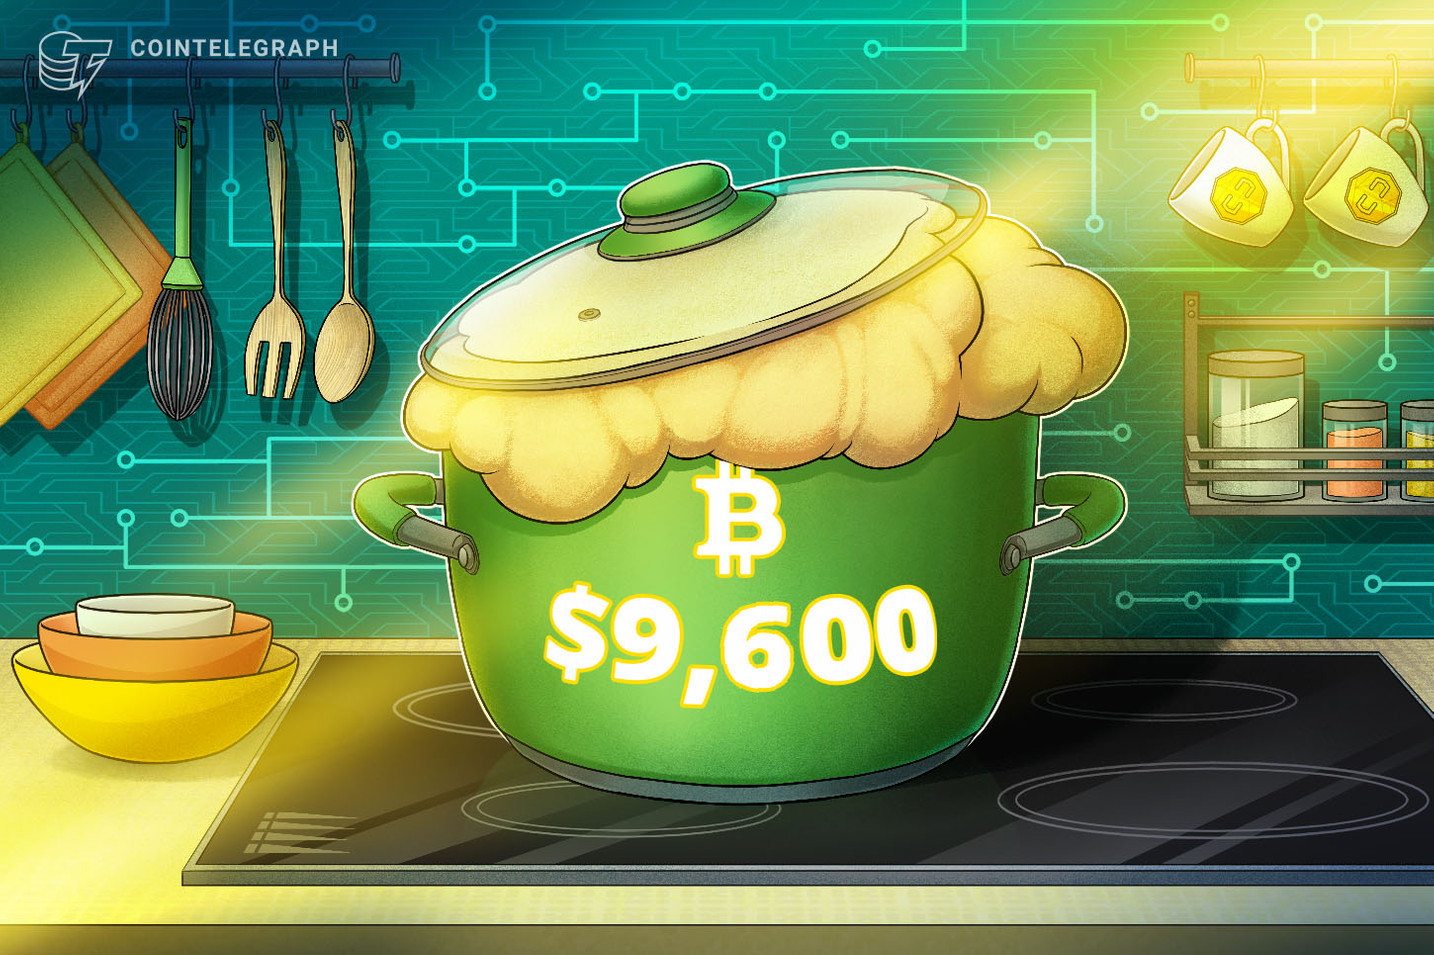 El precio de Bitcoin se eleva hasta los USD 9,600 mientras el récord de contratos de BTC de CME se acerca a su fin